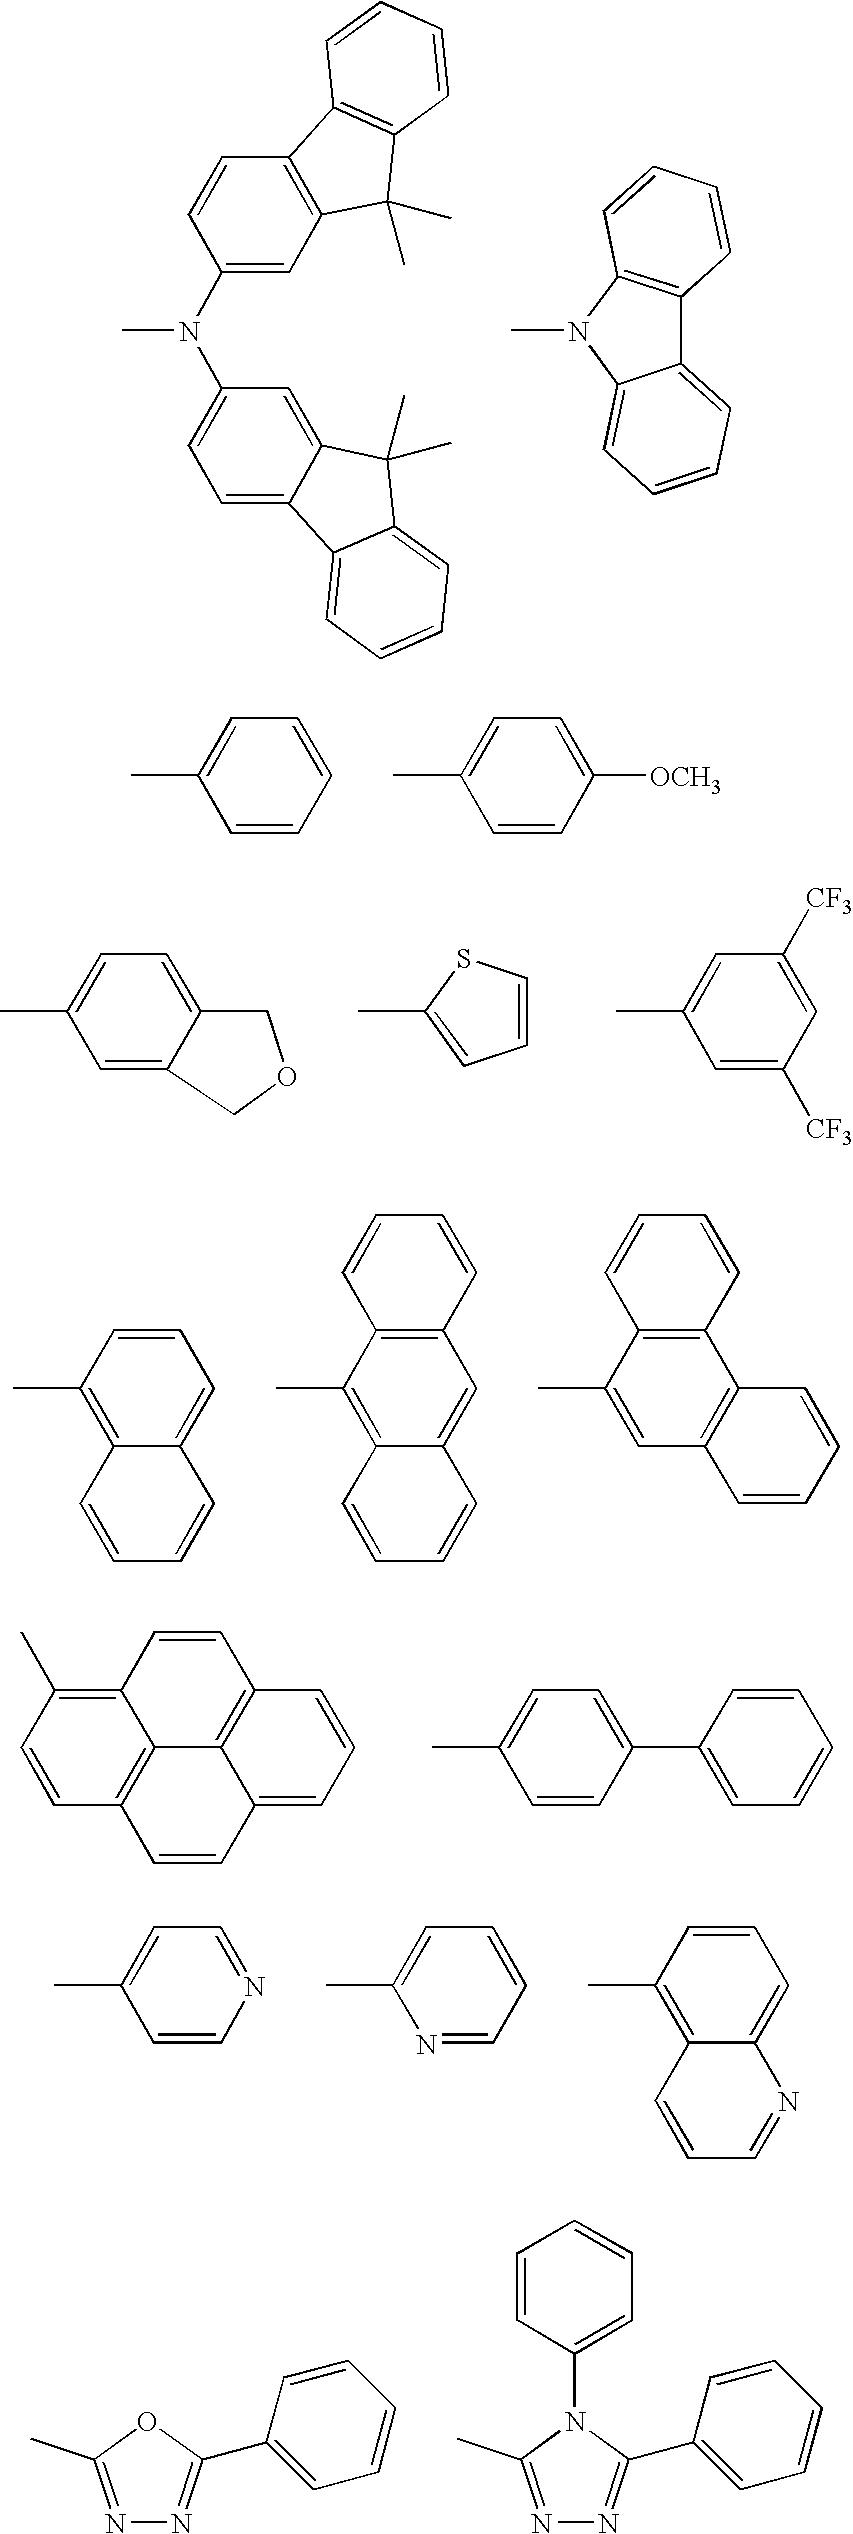 Figure US20040106004A1-20040603-C00023